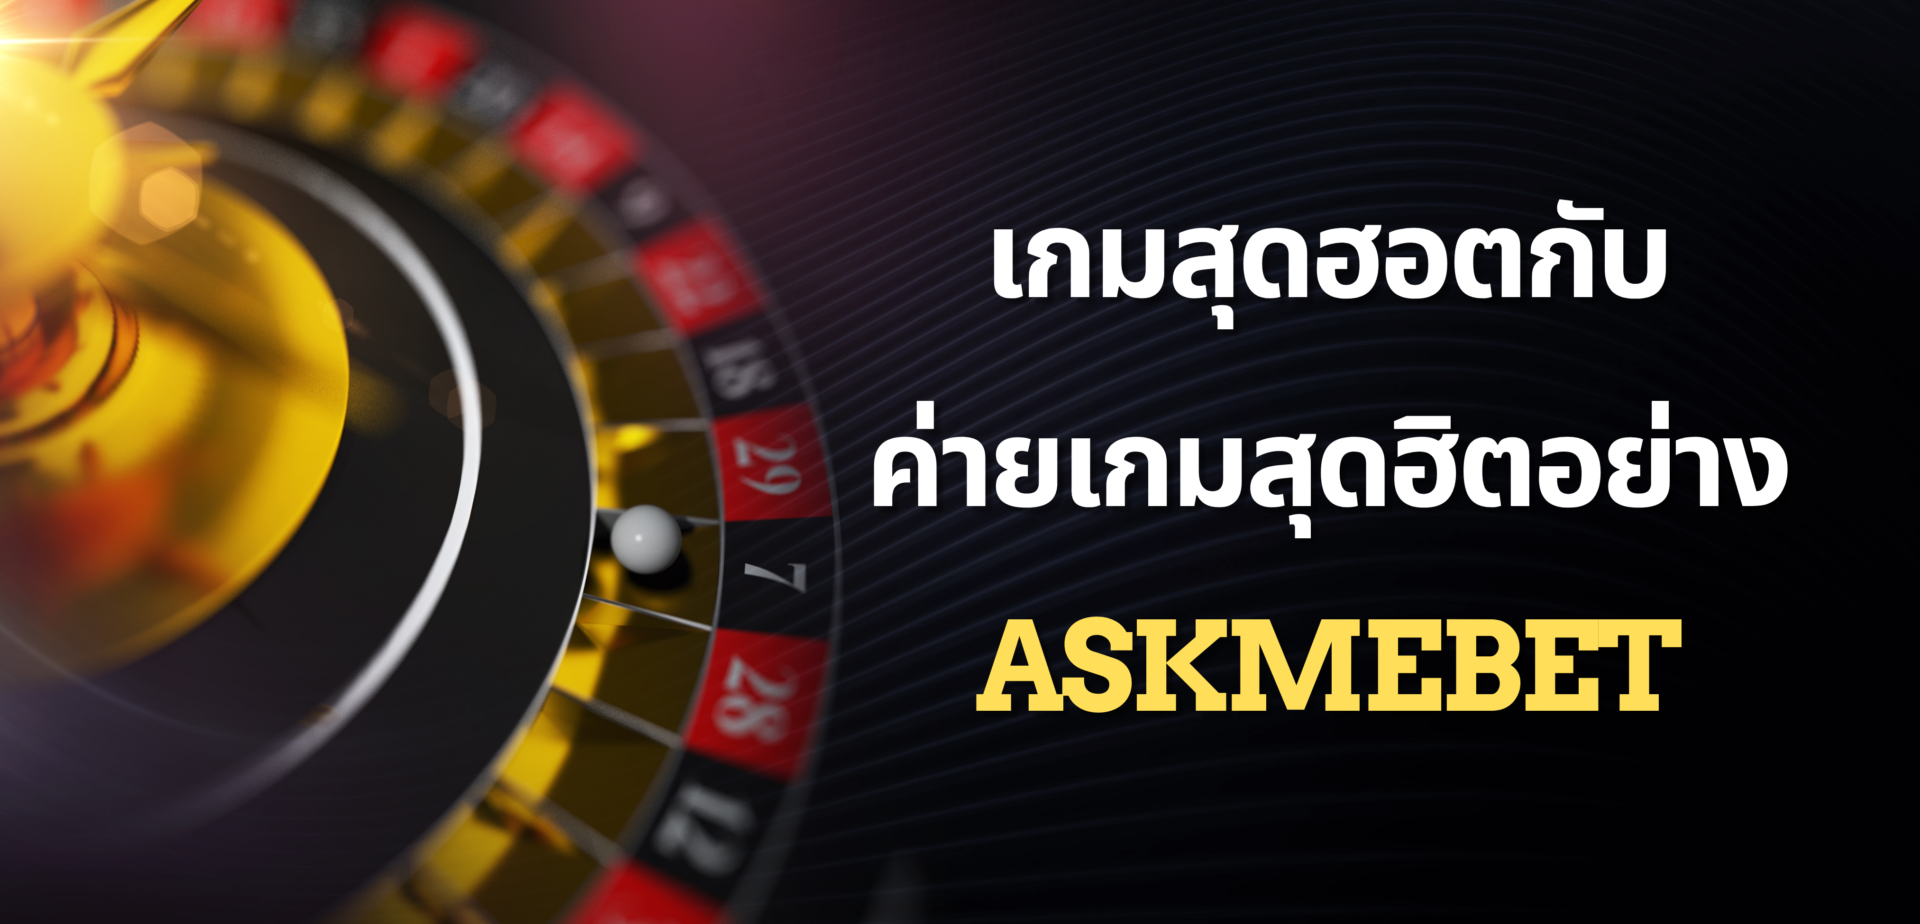 Askmebet ค่ายเกมสล็อต